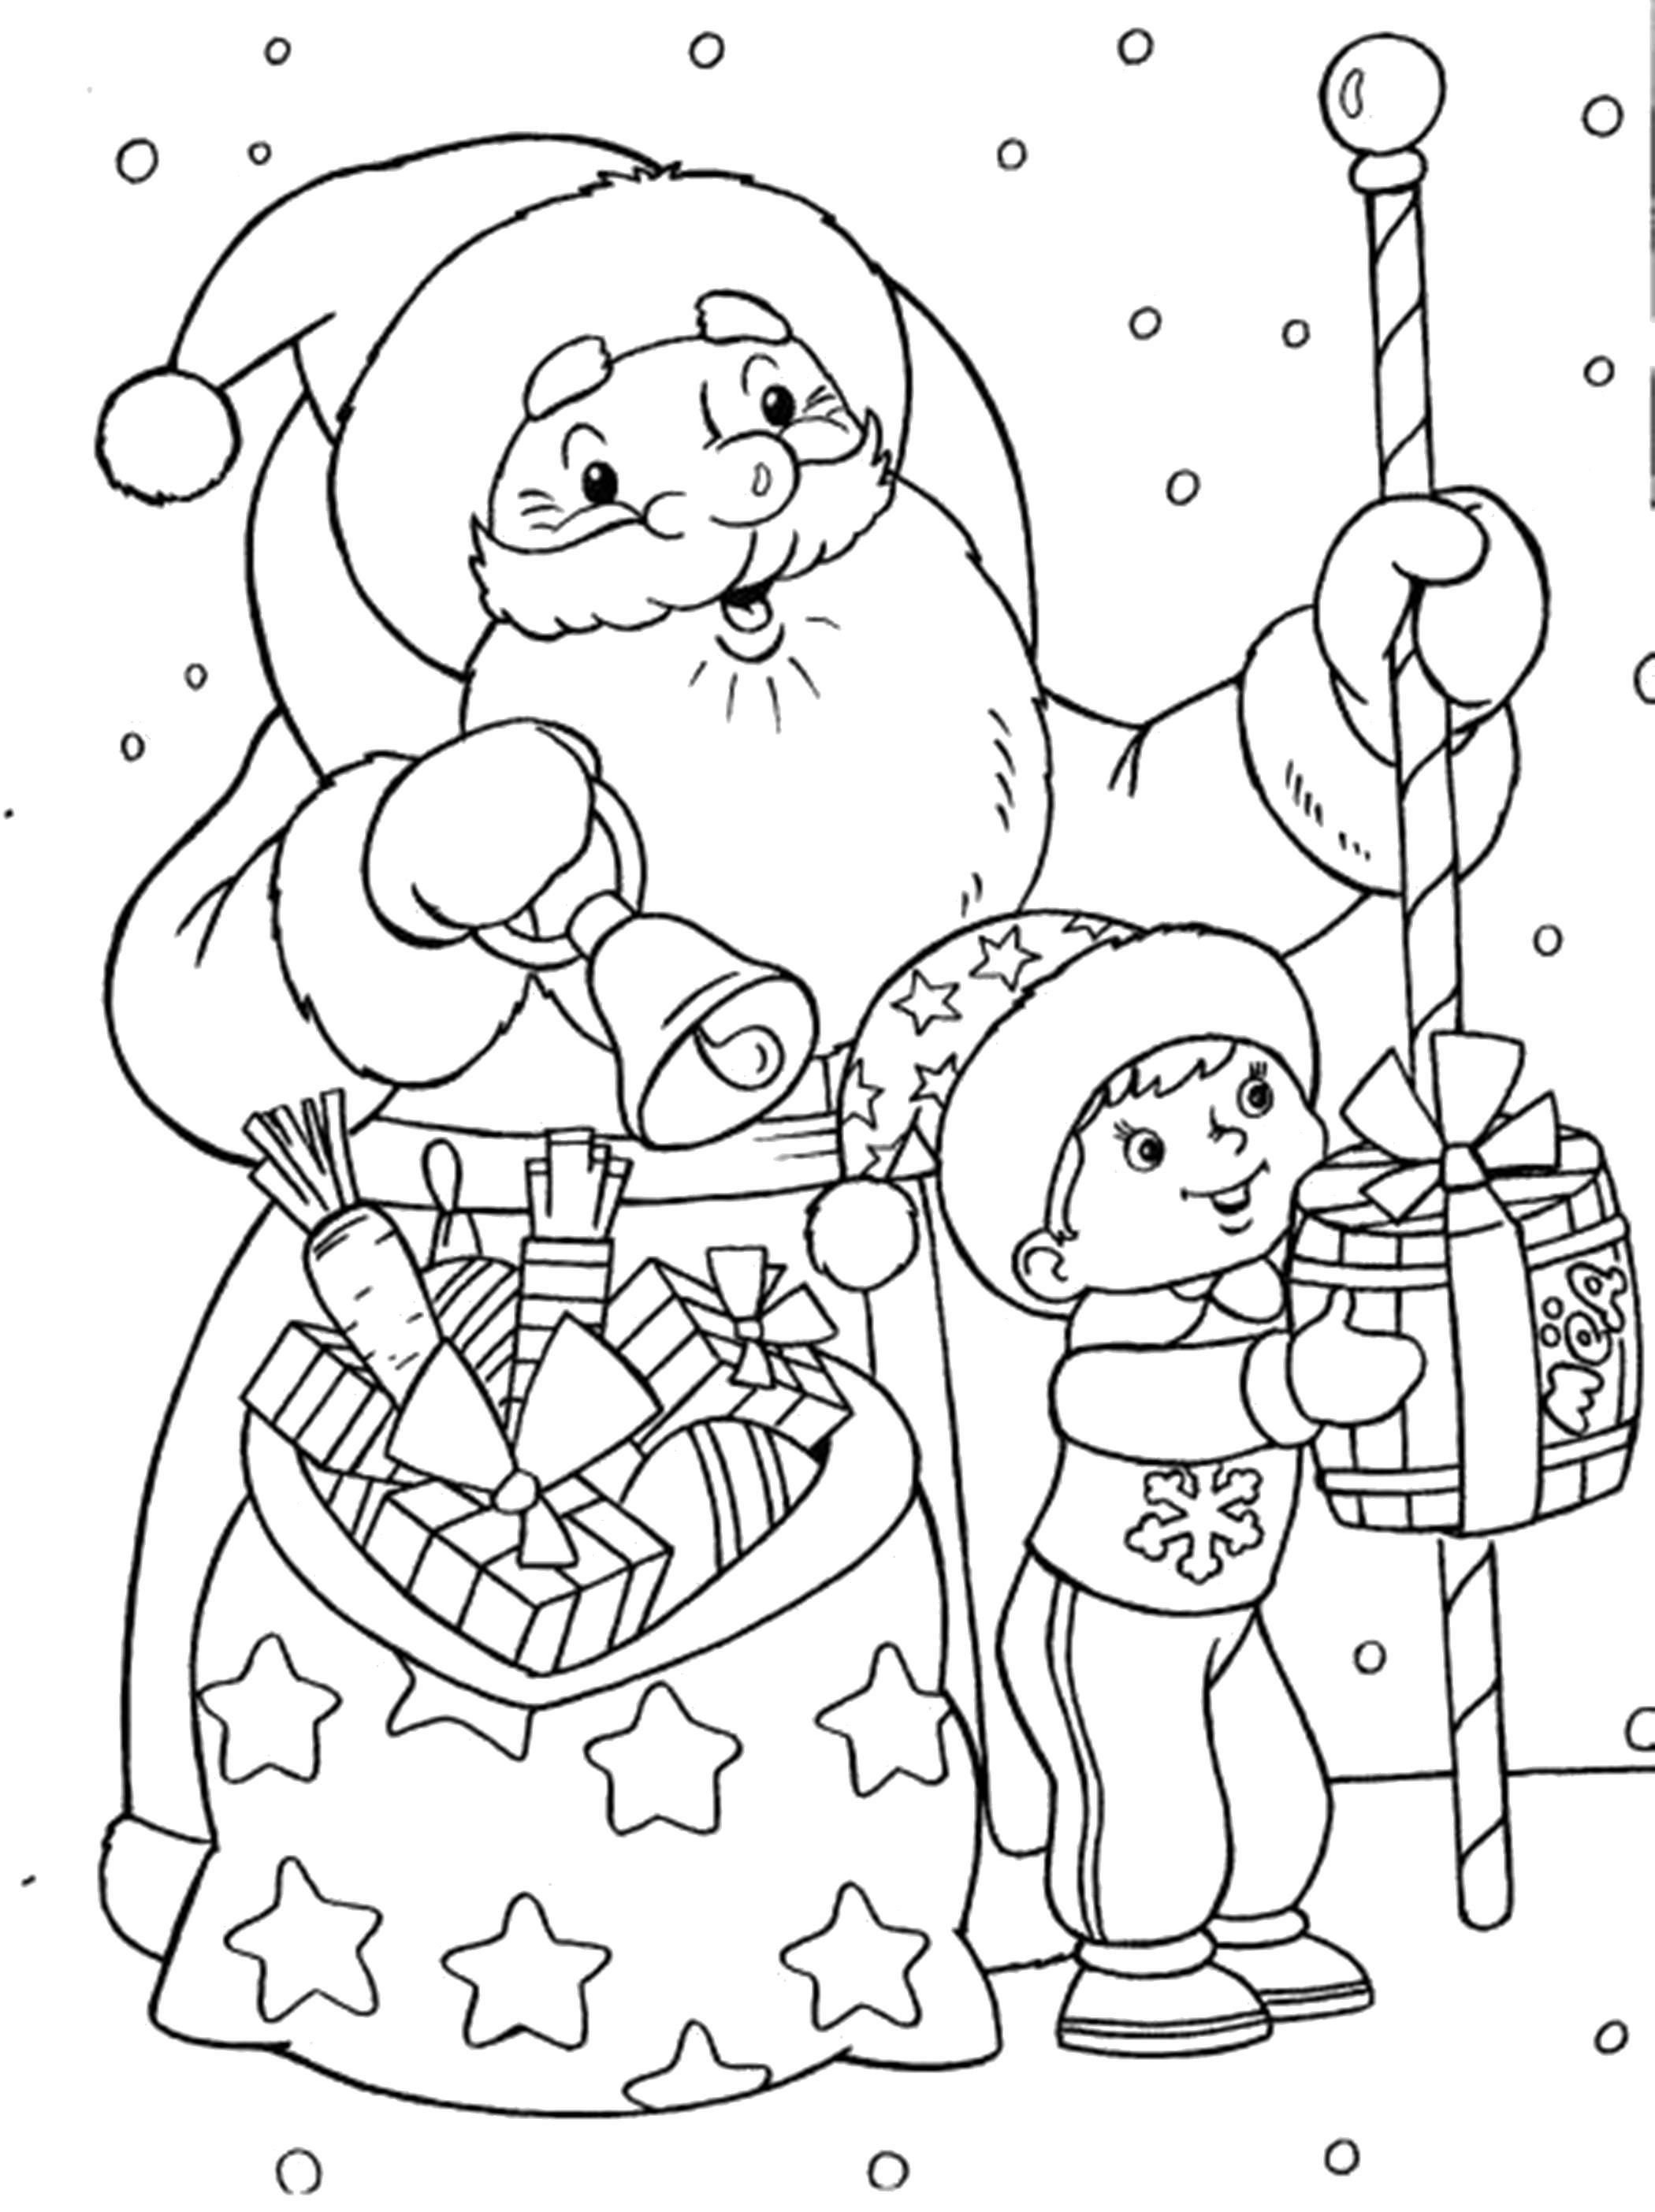 Раскраска дед мороз принес подарки, дед мороз и мальчик, дед мороз дарит подарки, мальчик дарит подарки, дед мороз звенит в колокол. Скачать новогодние.  Распечатать новогодние